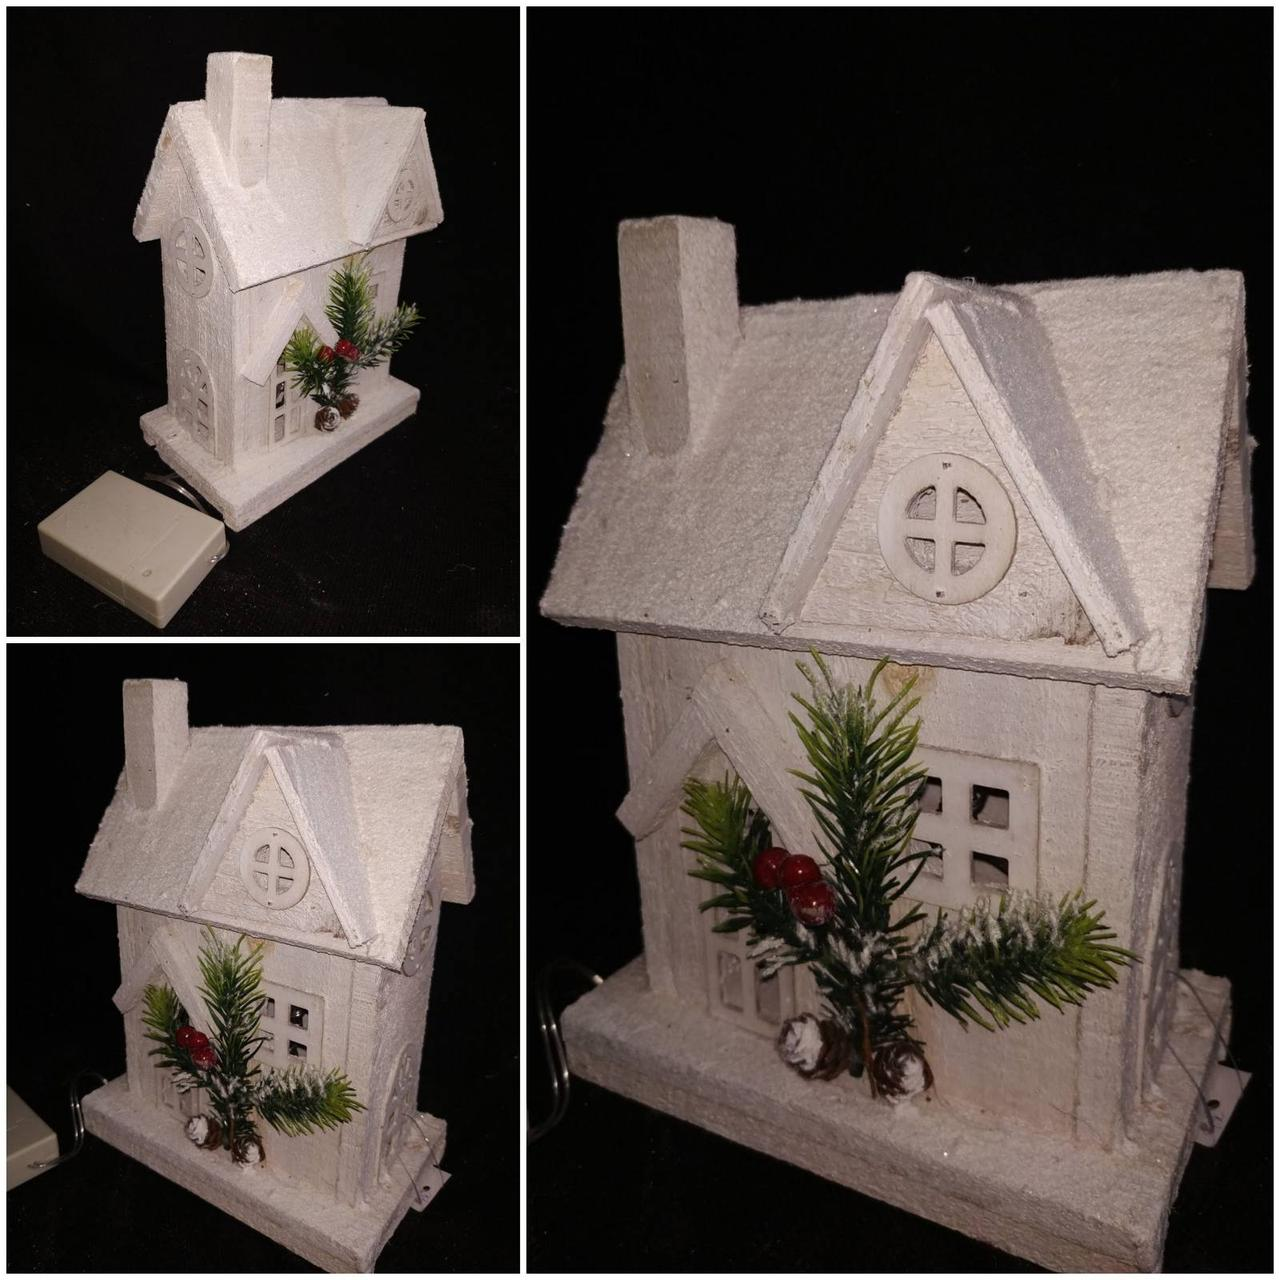 Декоративный домик из дерева, ЛЕД подсветка, выс. 22 см., 375 гр.